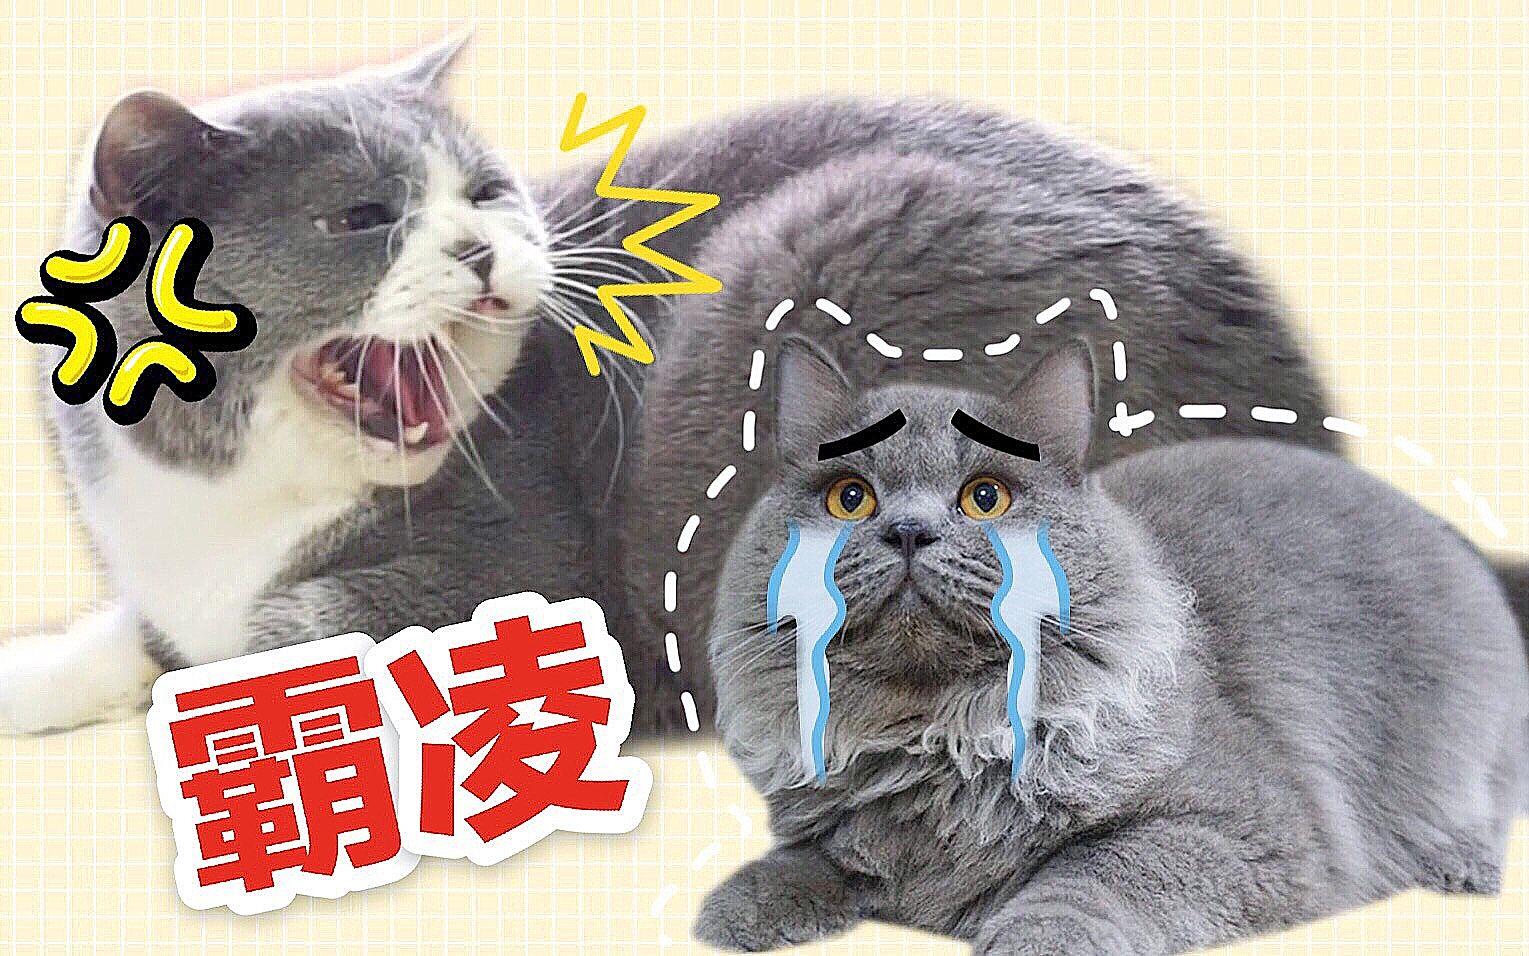 陌生猫突然闯进家里,三只原住民暴怒场面一度失控!